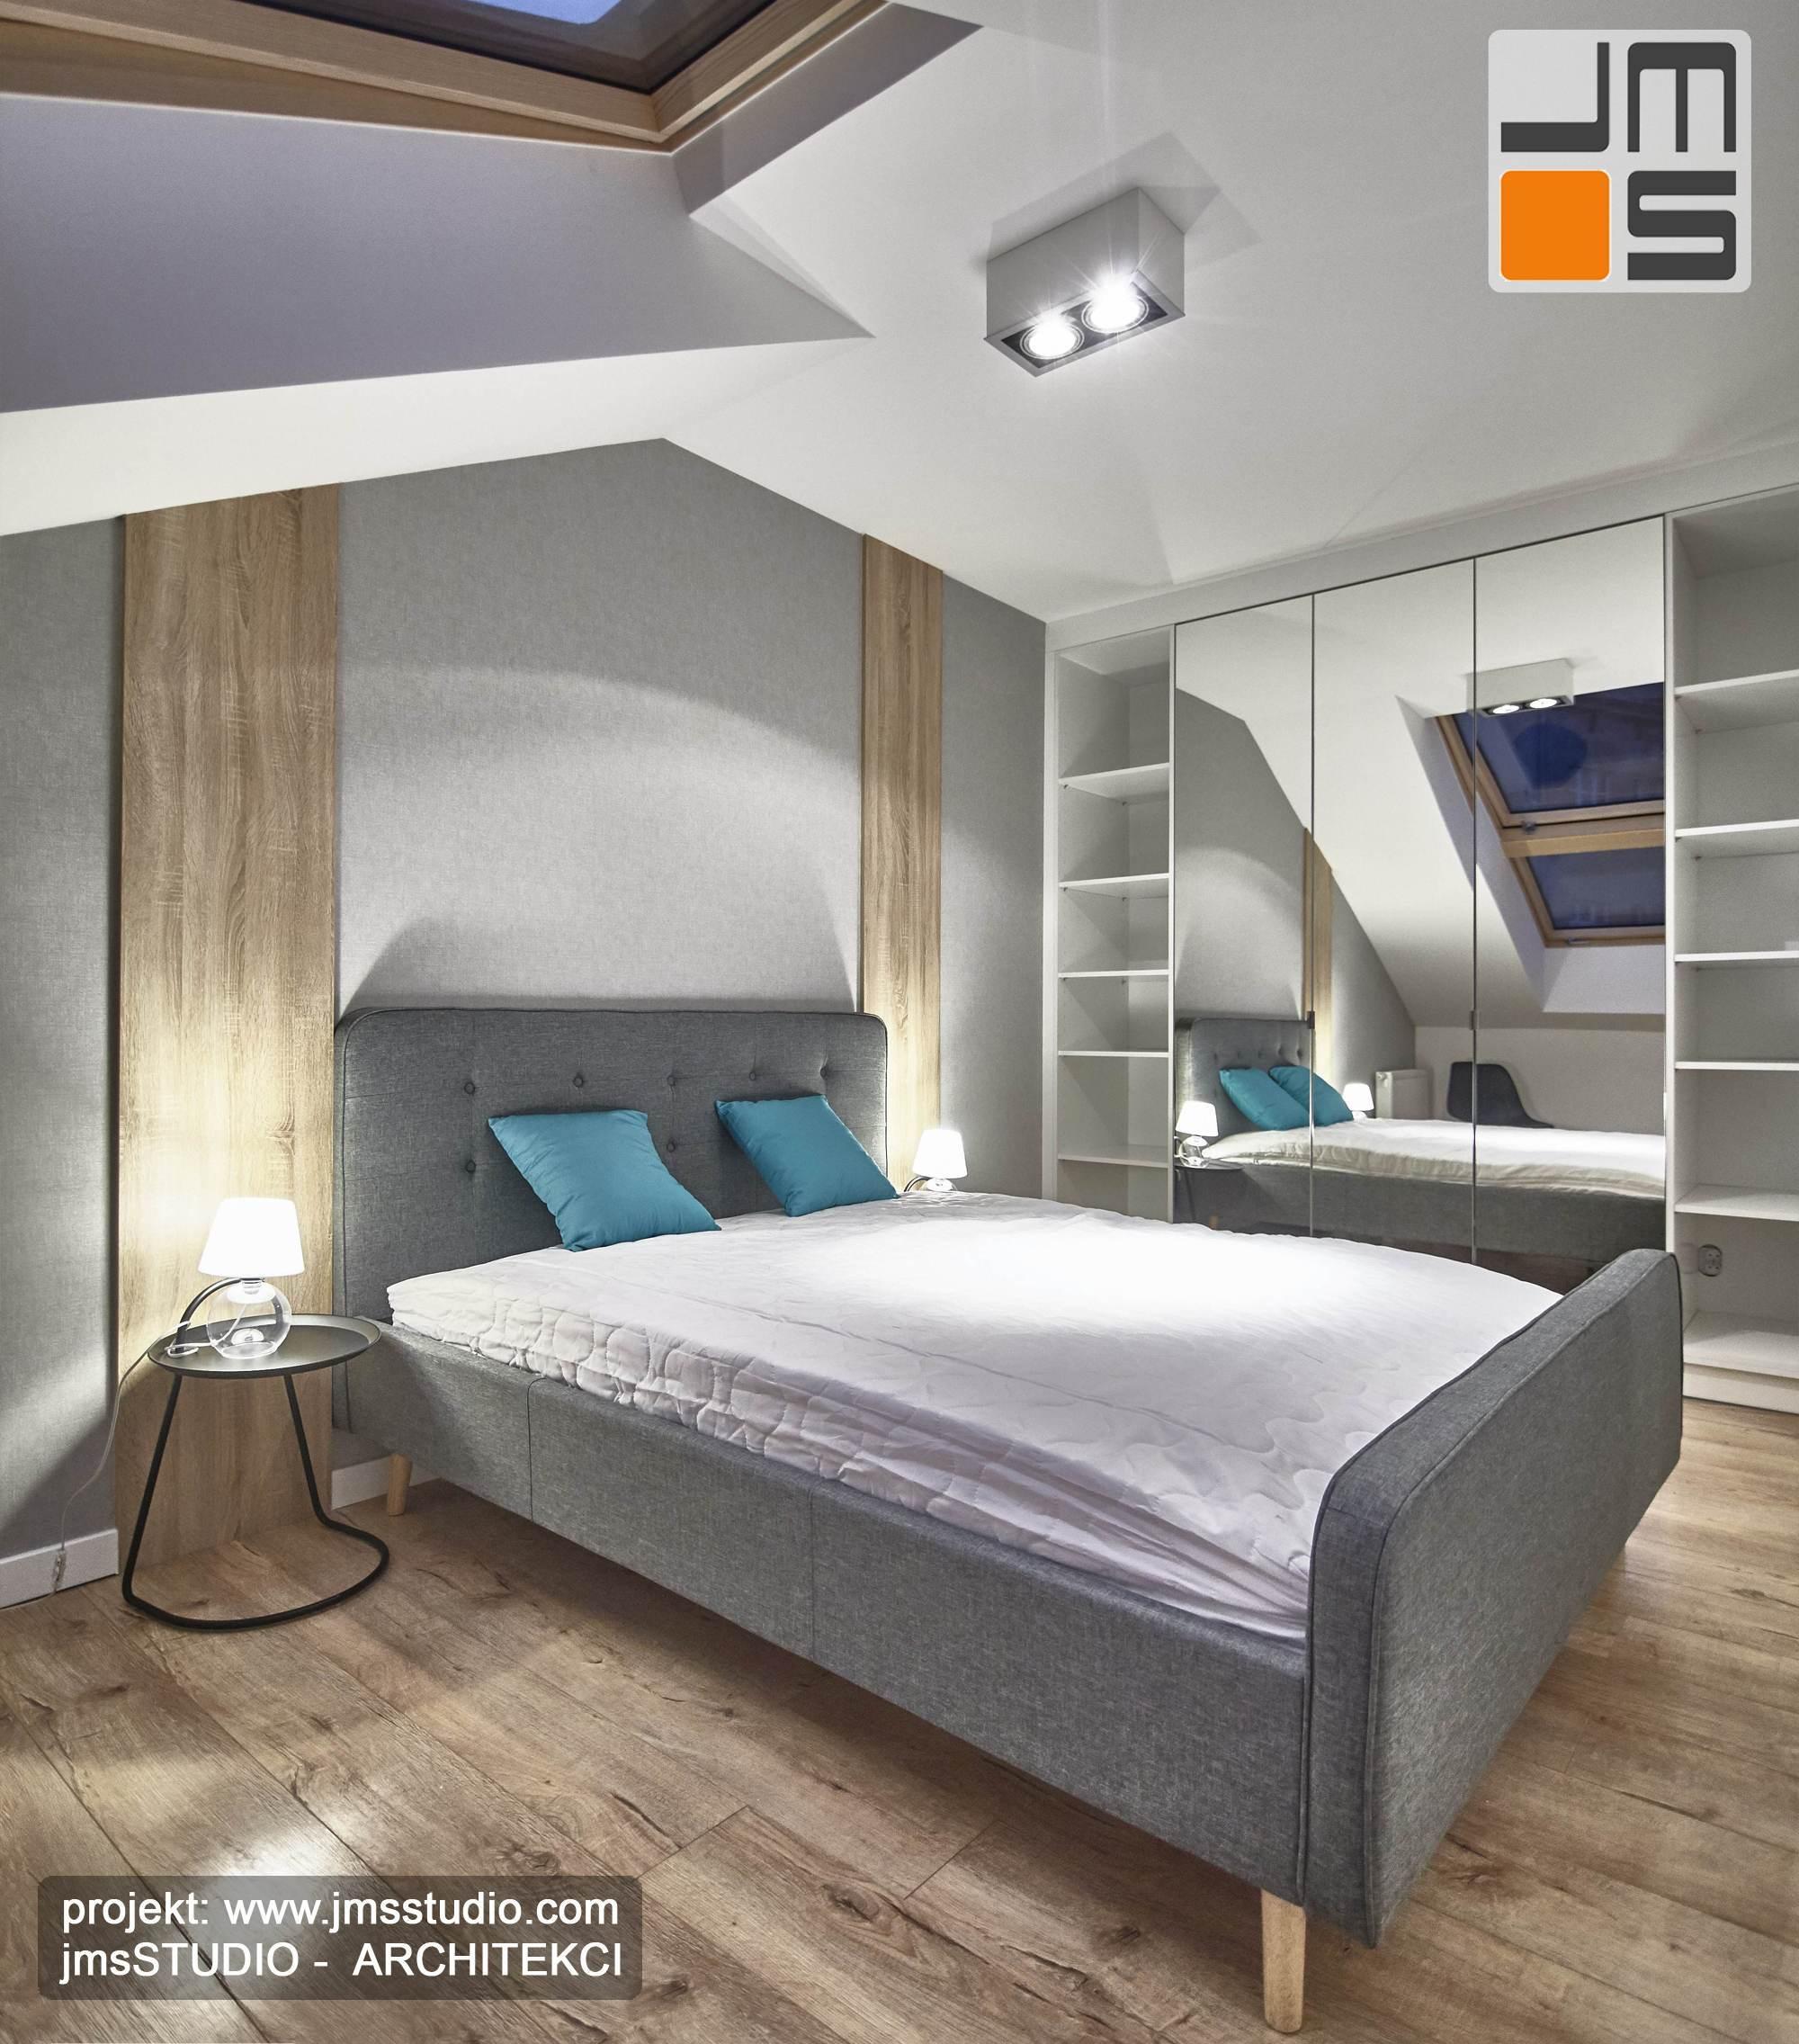 Mieszkanie Na Poddaszu Czyli Estetyczne I Funkcjonalne